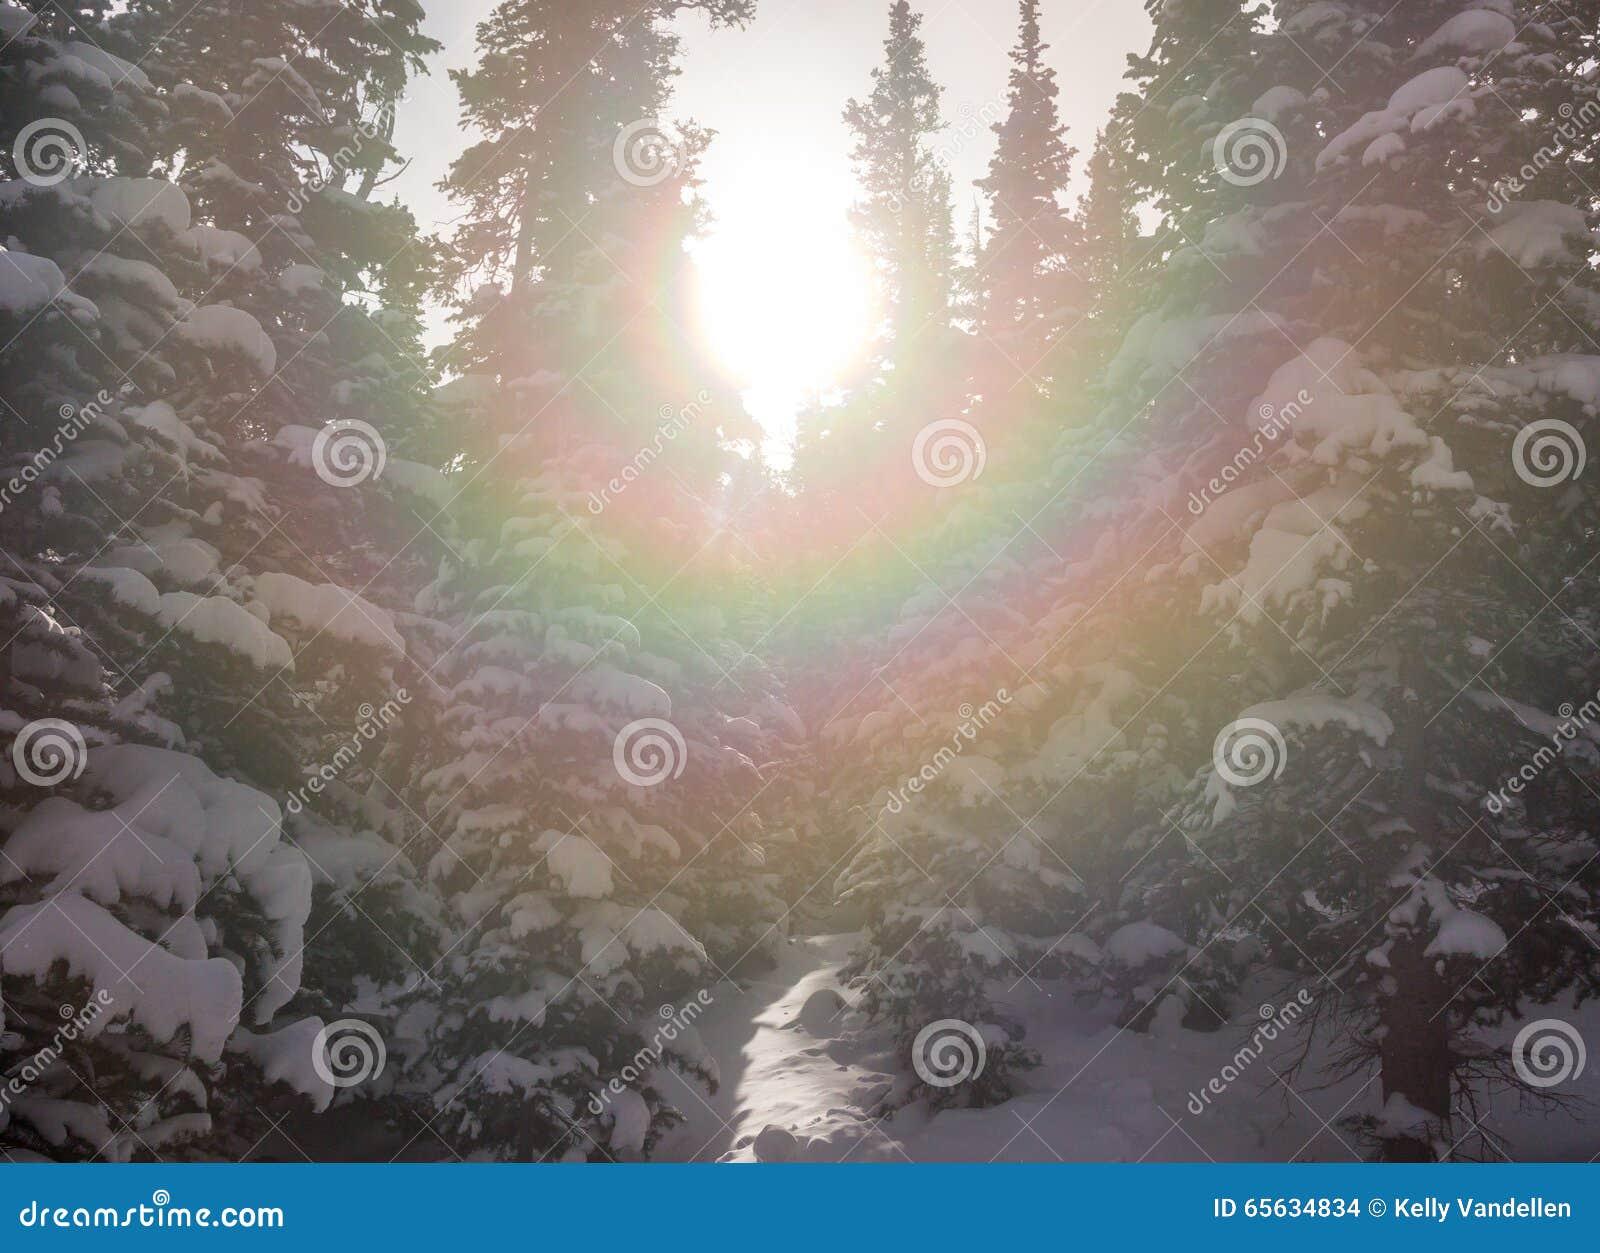 Le rayon de soleil par la neige a couvert des arbres